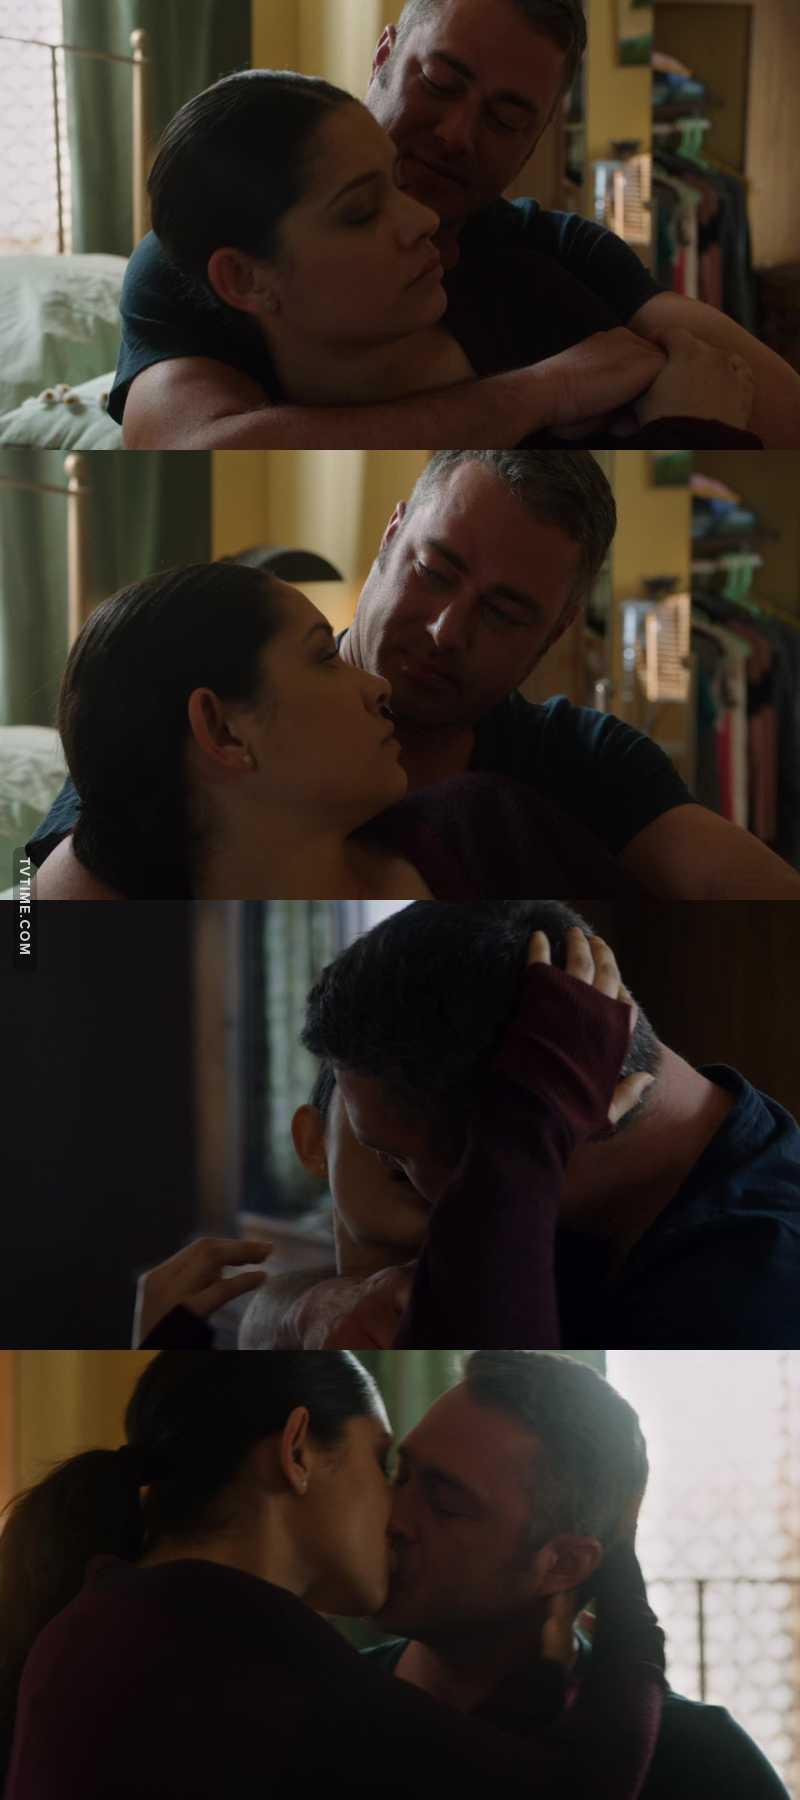 """""""Mi sei mancato."""" """"L'unica cosa alla quale penso.. sei tu!"""" 😍😍😍 SONO L'AMORE!!♥️♥️♥️♥️"""